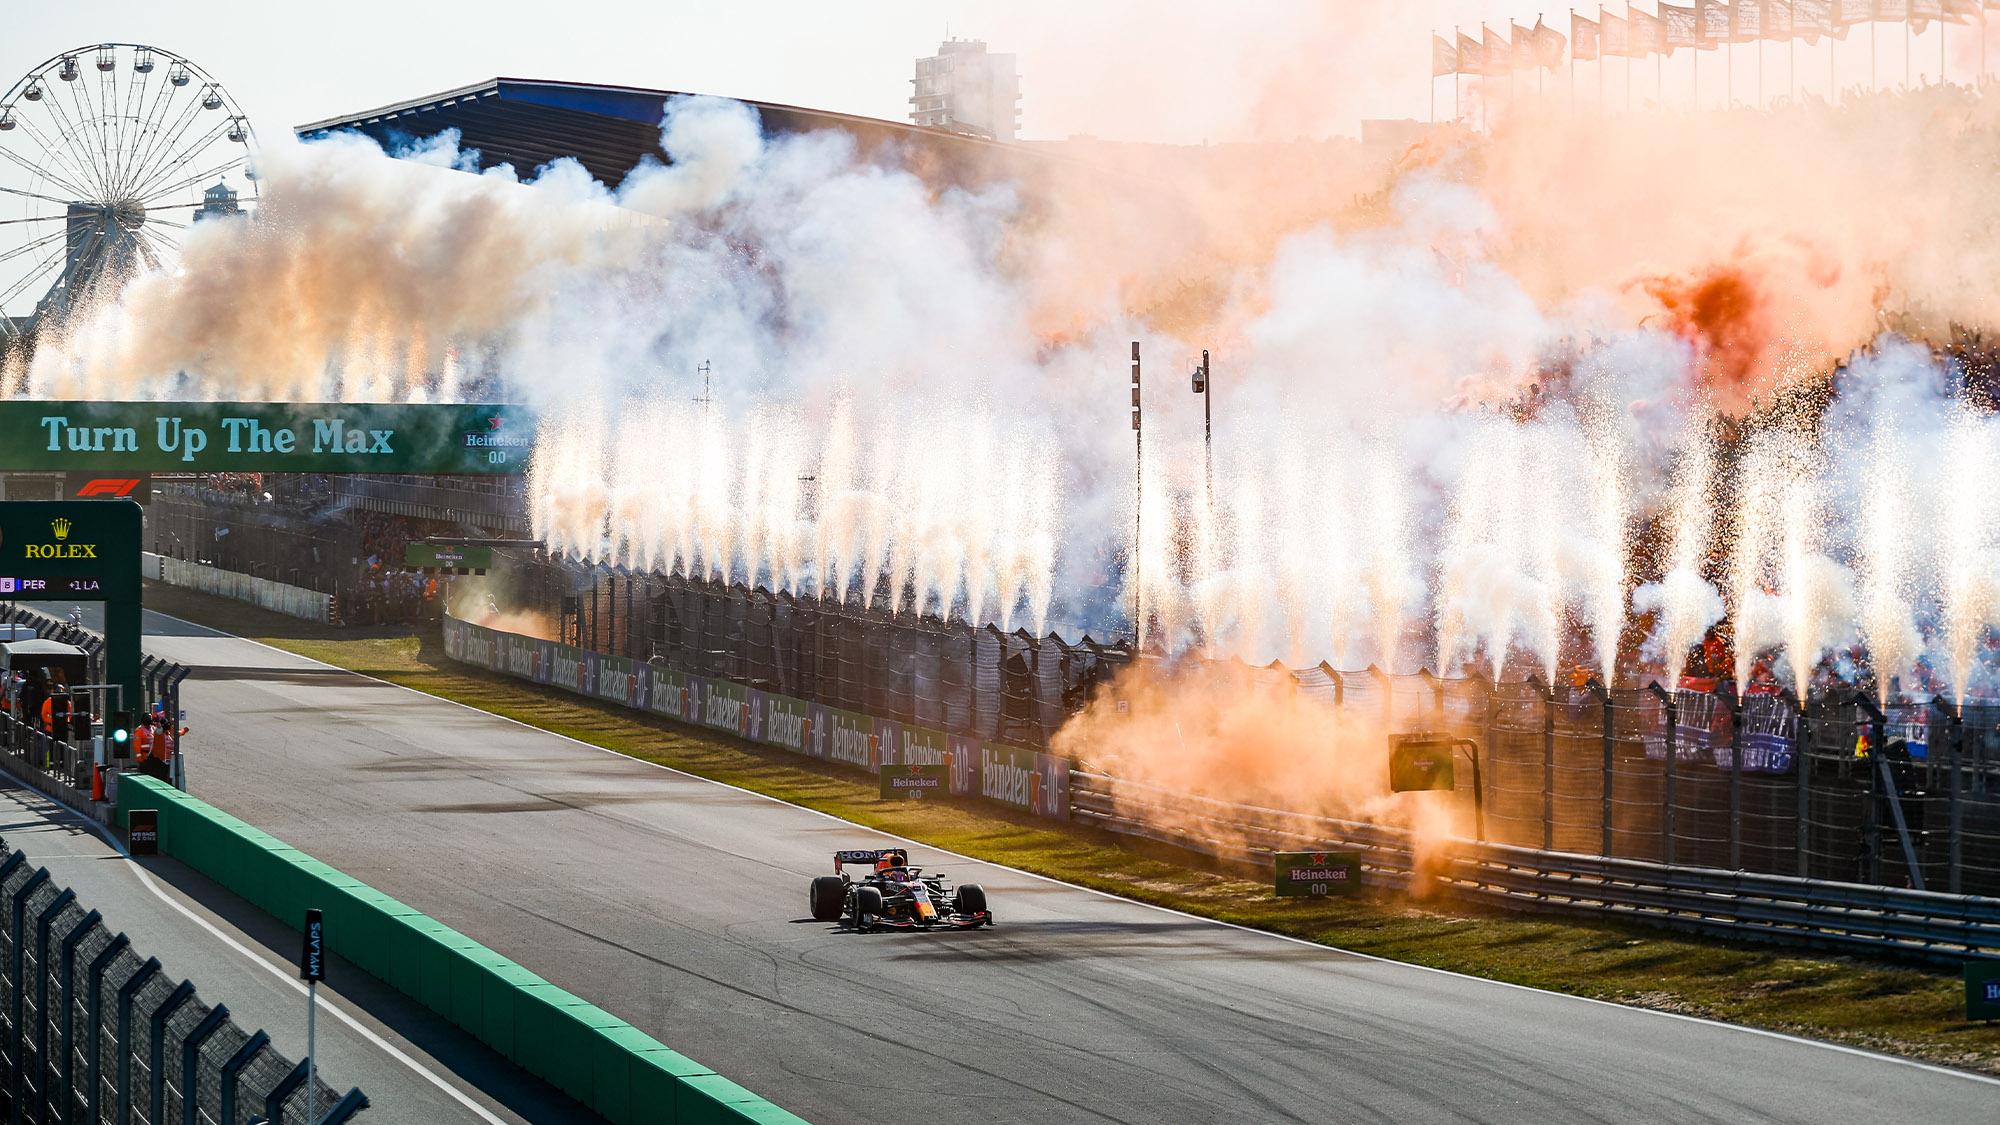 FIreworks as Max Verstappen win the 2021 Dutch GP